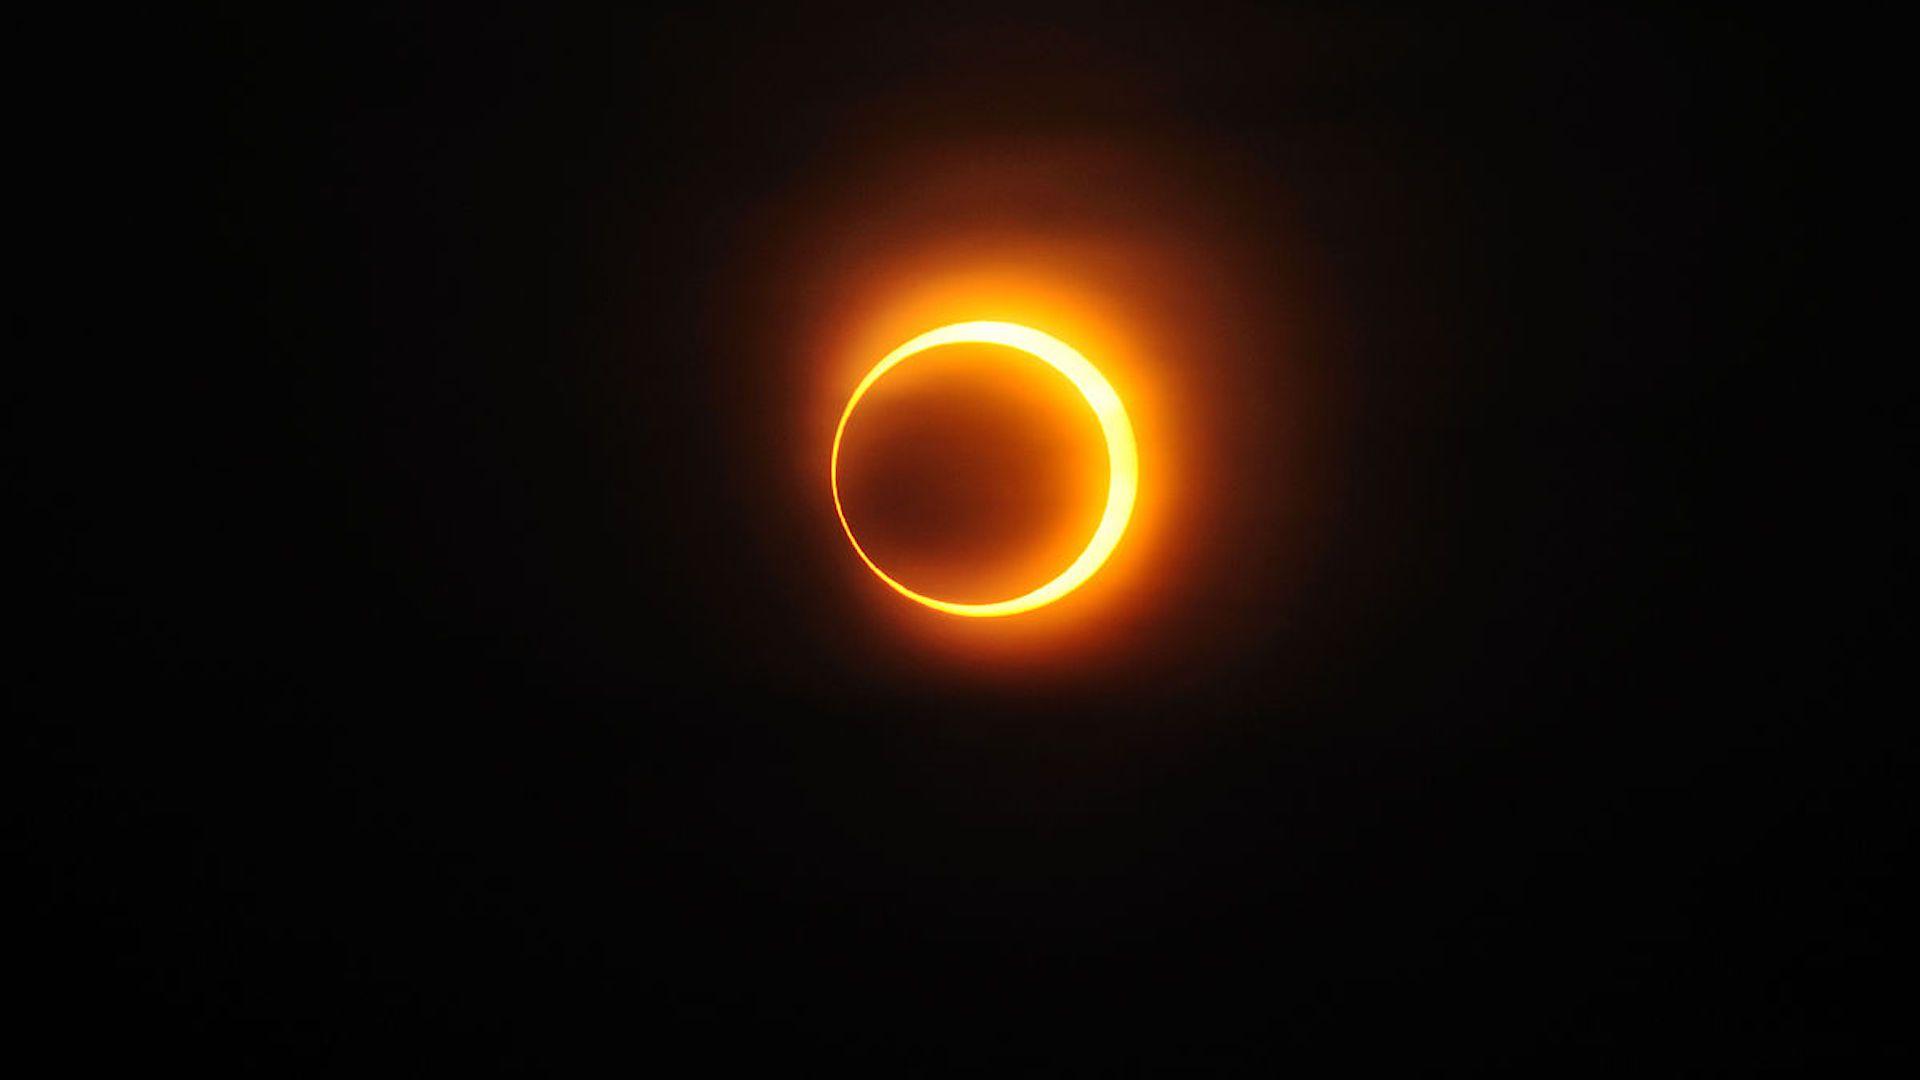 Llega el último eclipse solar de la década: ¿cuándo podrá verse en Argentina?